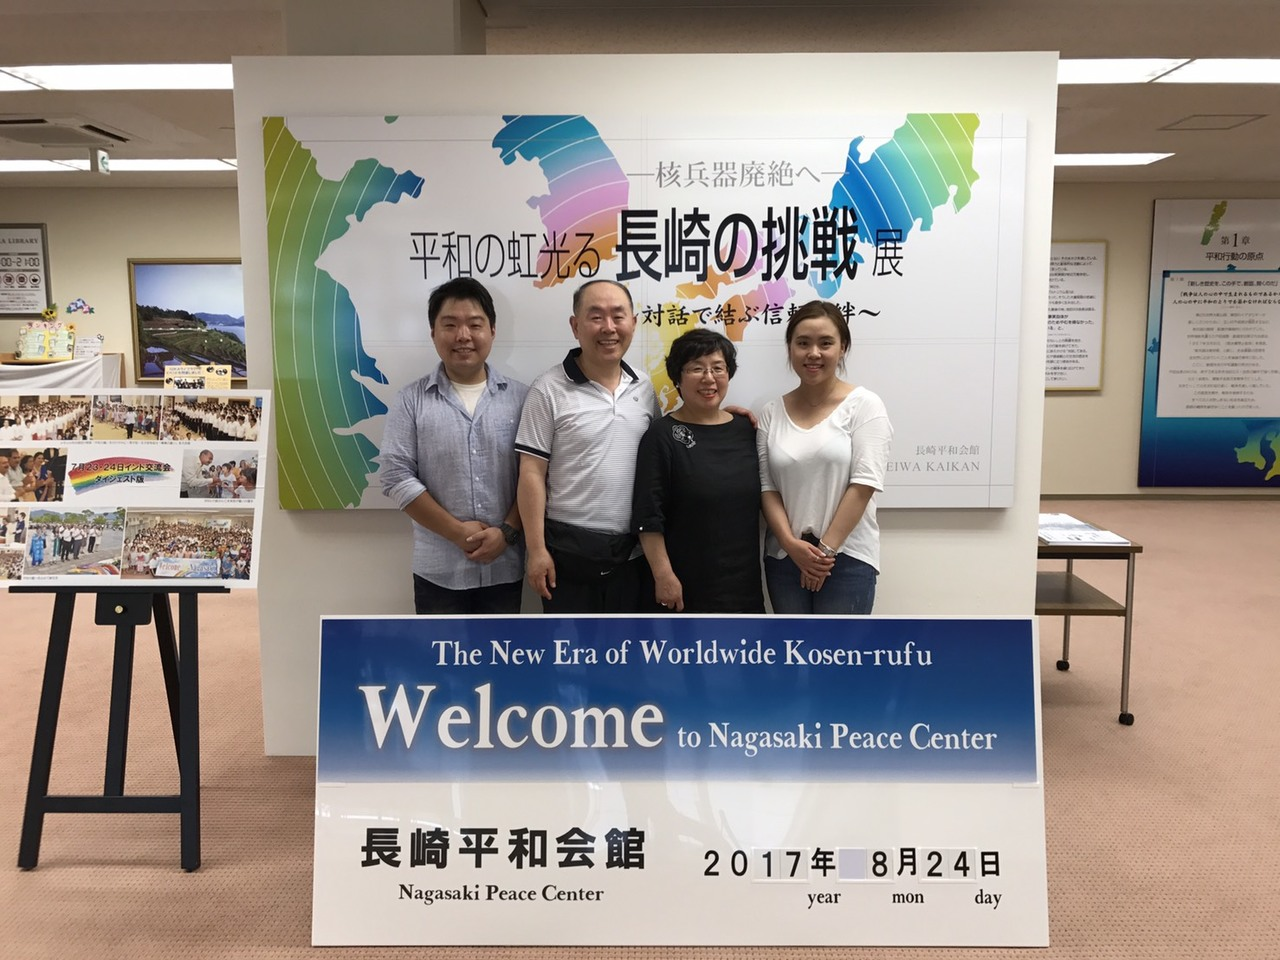 長崎創価学会 ピースメッセージ 韓国のメンバー